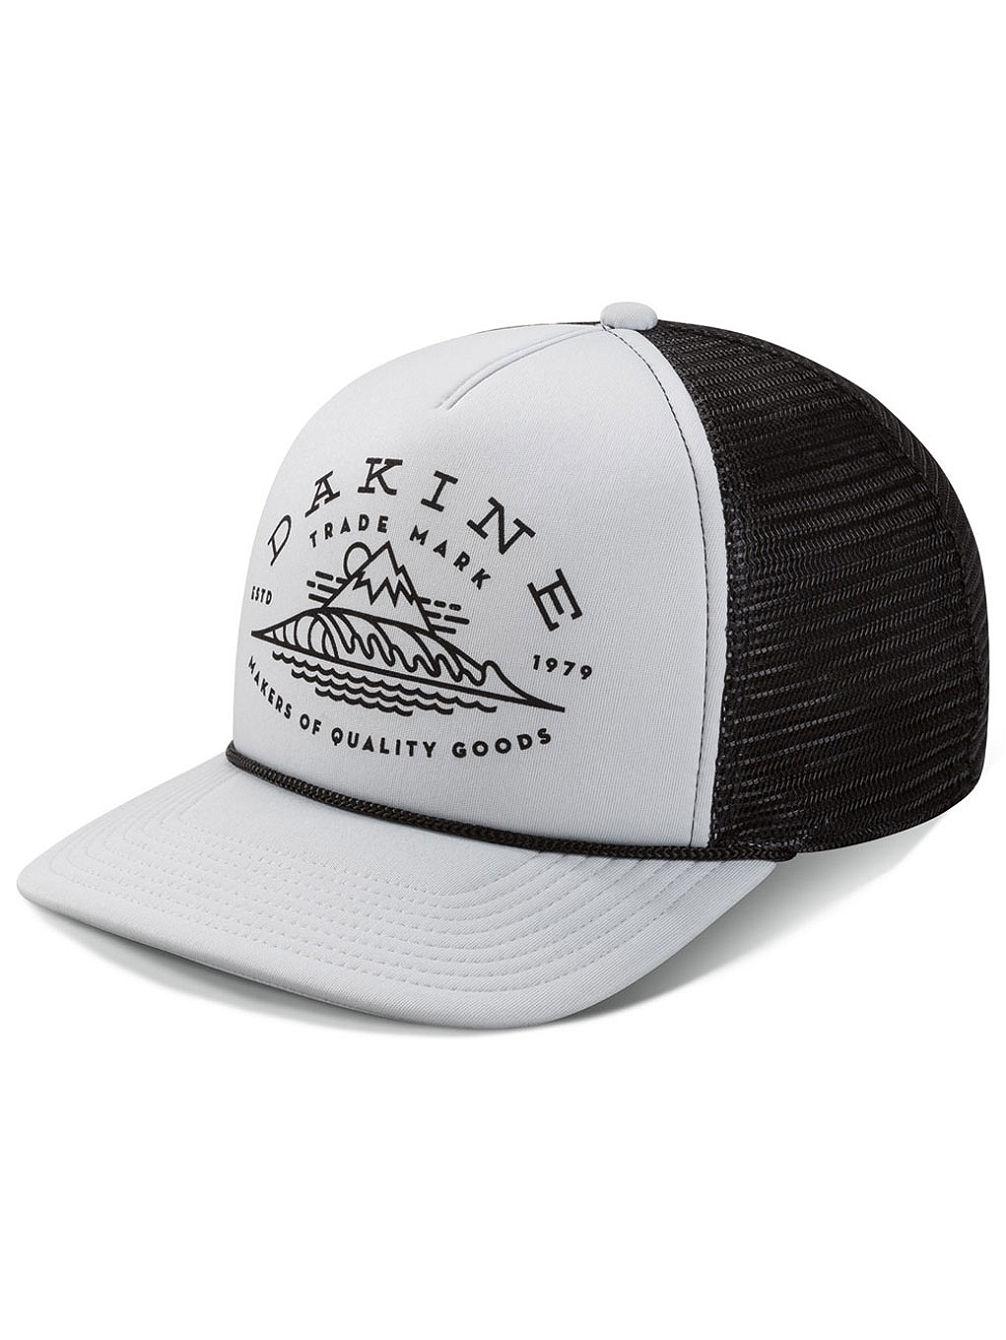 makers-cap